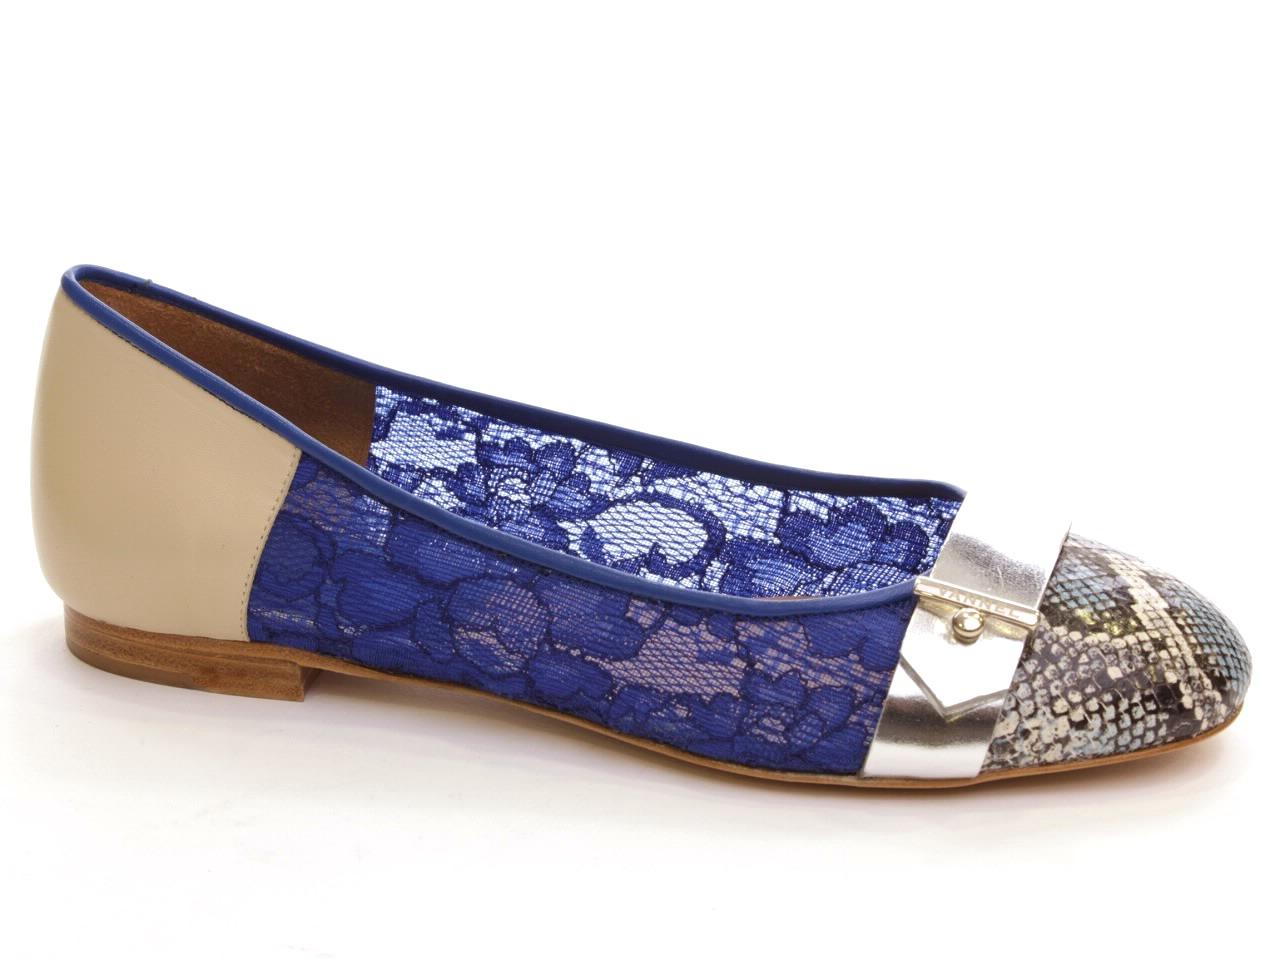 Chaussures Plates, Ballerine, Mocassins Vannel - 001 8164